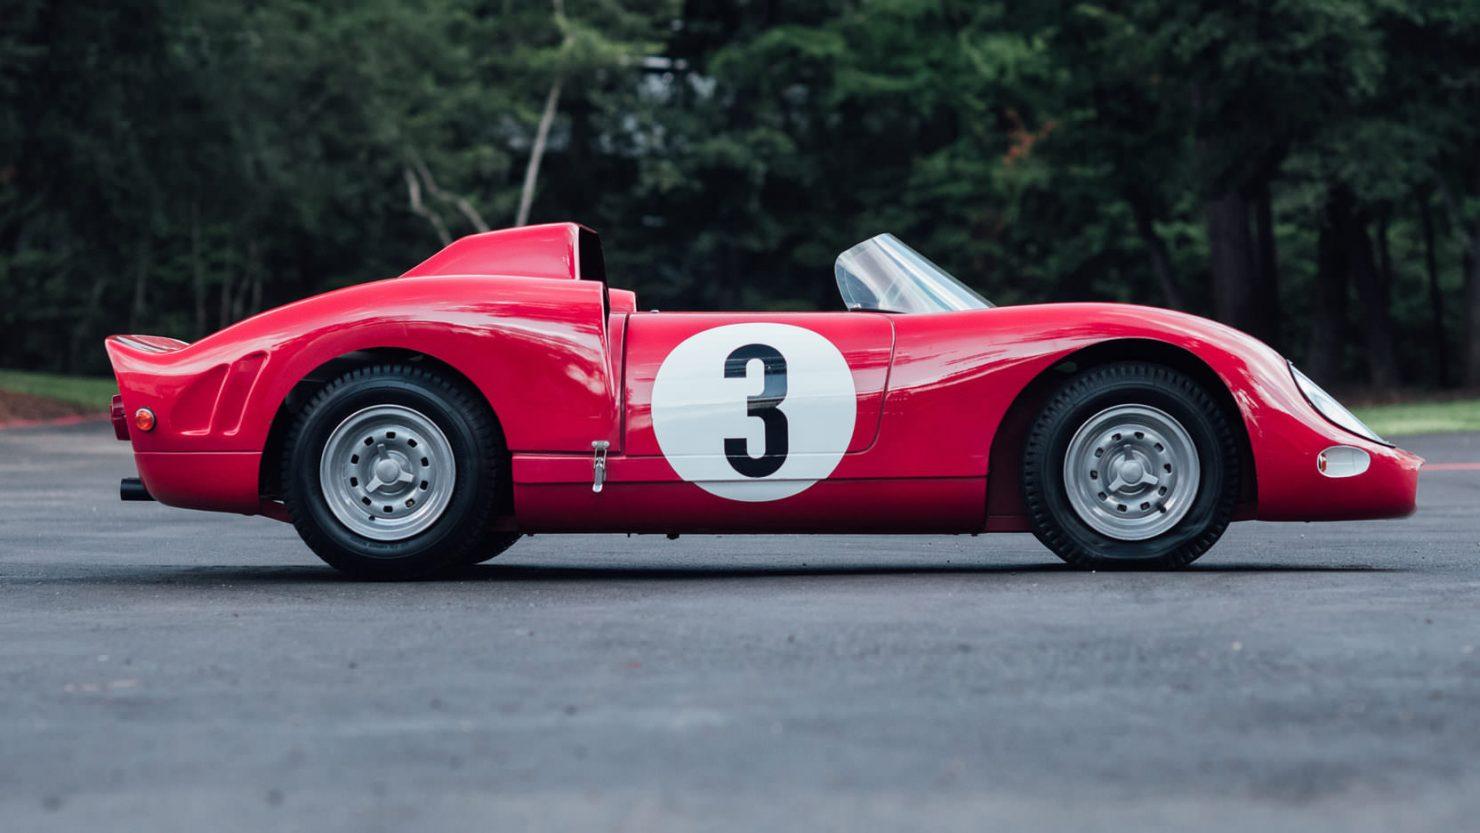 Ferrari Go Kart 3 1480x833 - Classic Car Go Karts